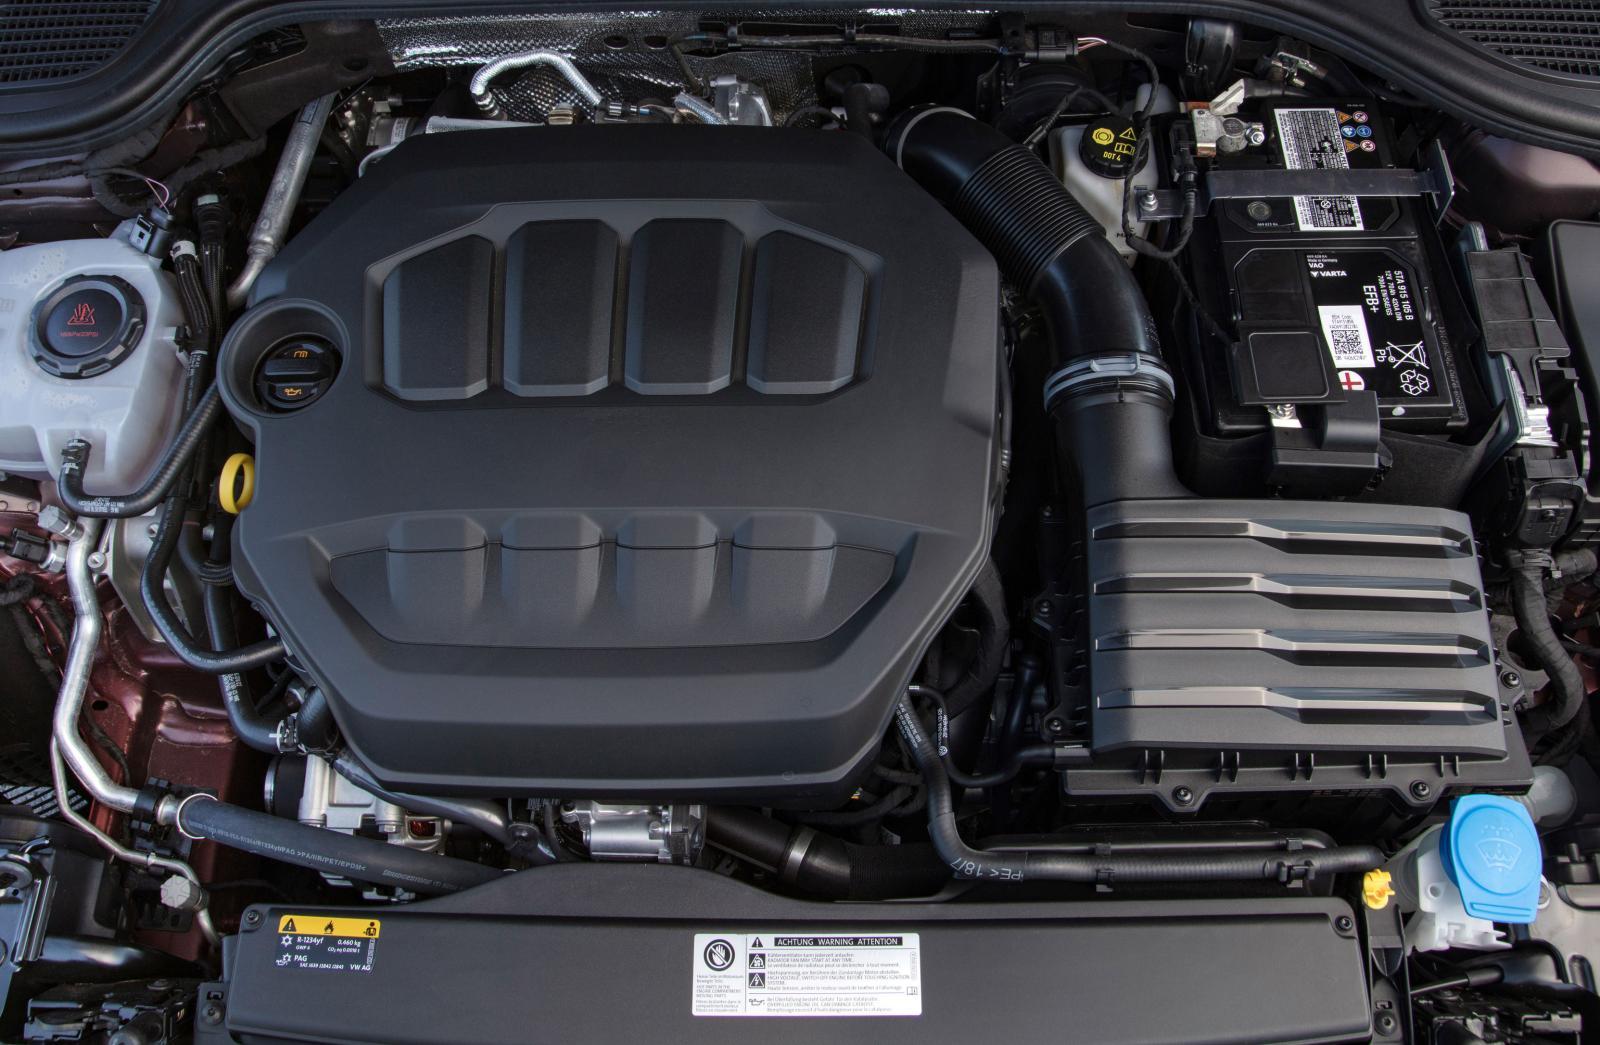 Turbofyran har fått uppdaterat insprutningssystem för sänkt förbrukning och lägre utsläpp.